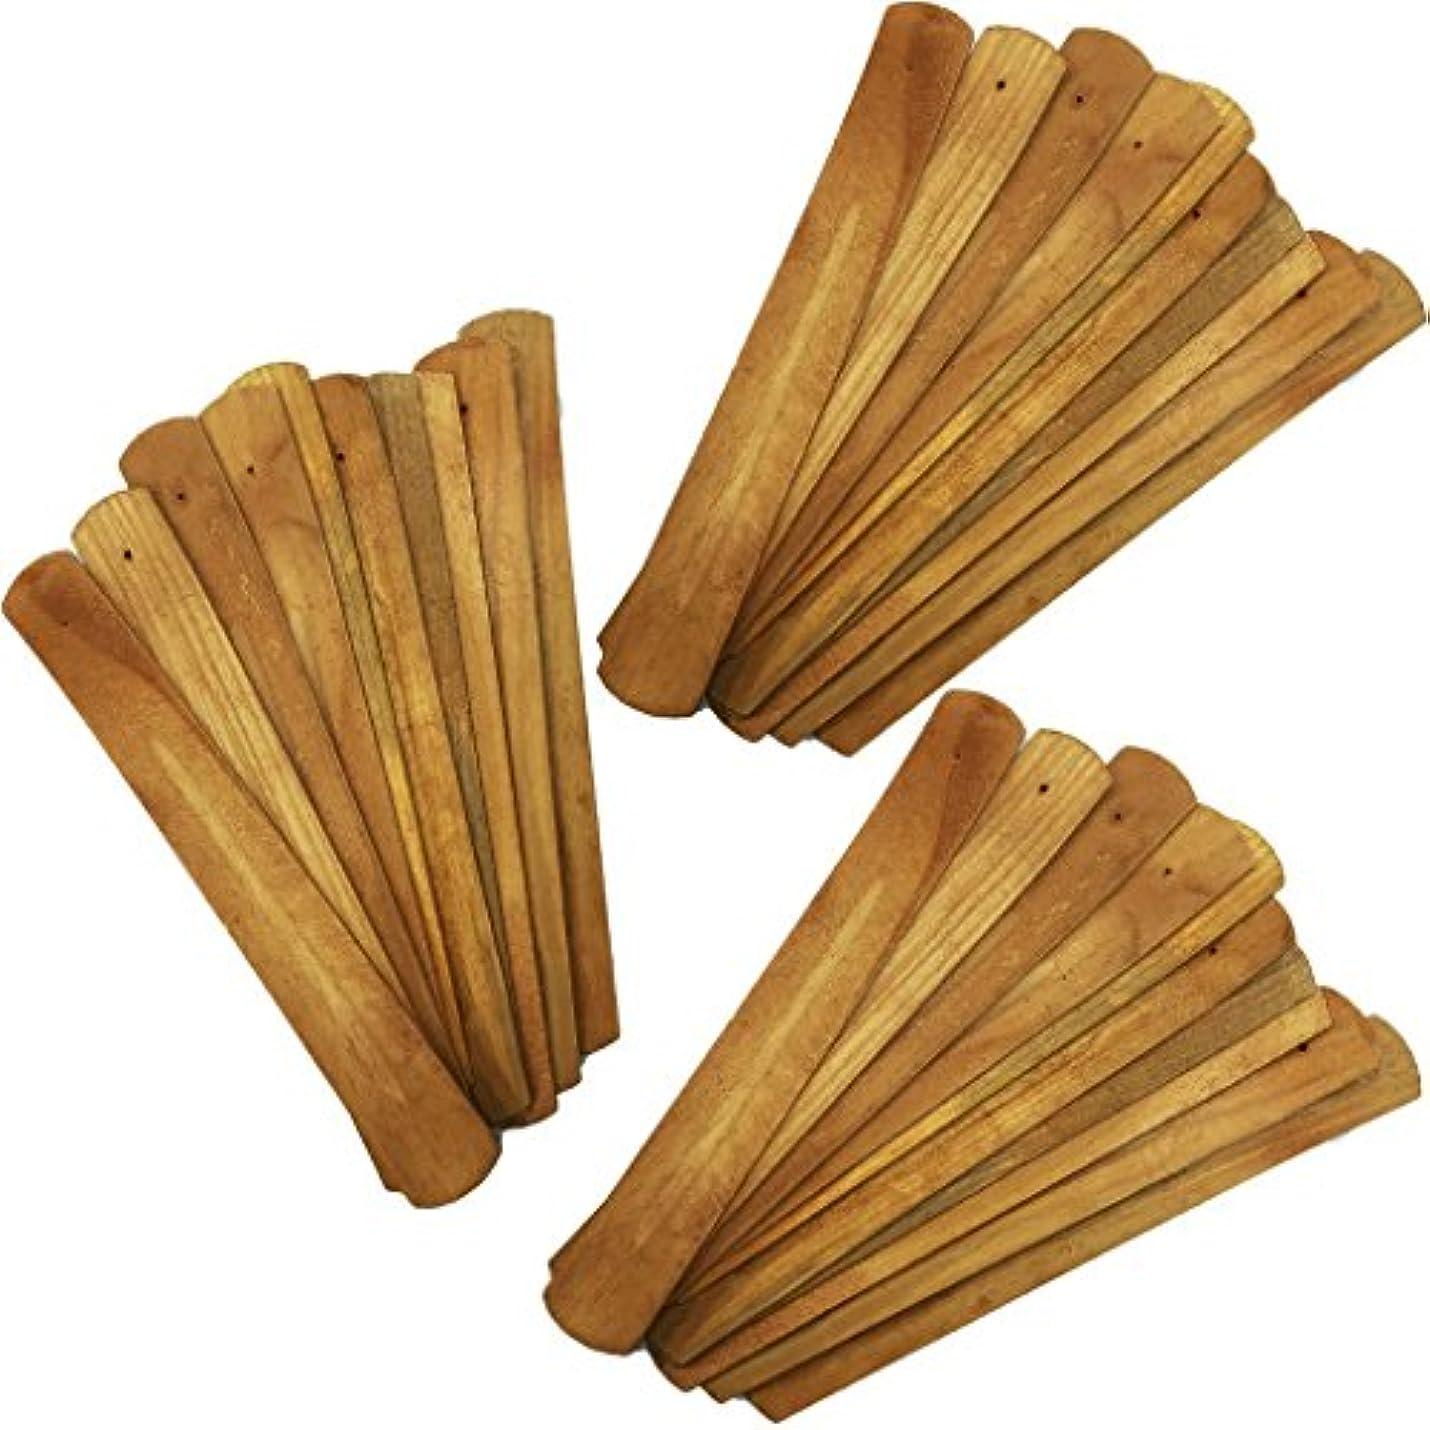 アッティカス驚き工業用(30) - 30pcs Handmade Plain Wood Wooden Incense Stick Holder Burner Ash Catcher Natural Design Buddhist (30)